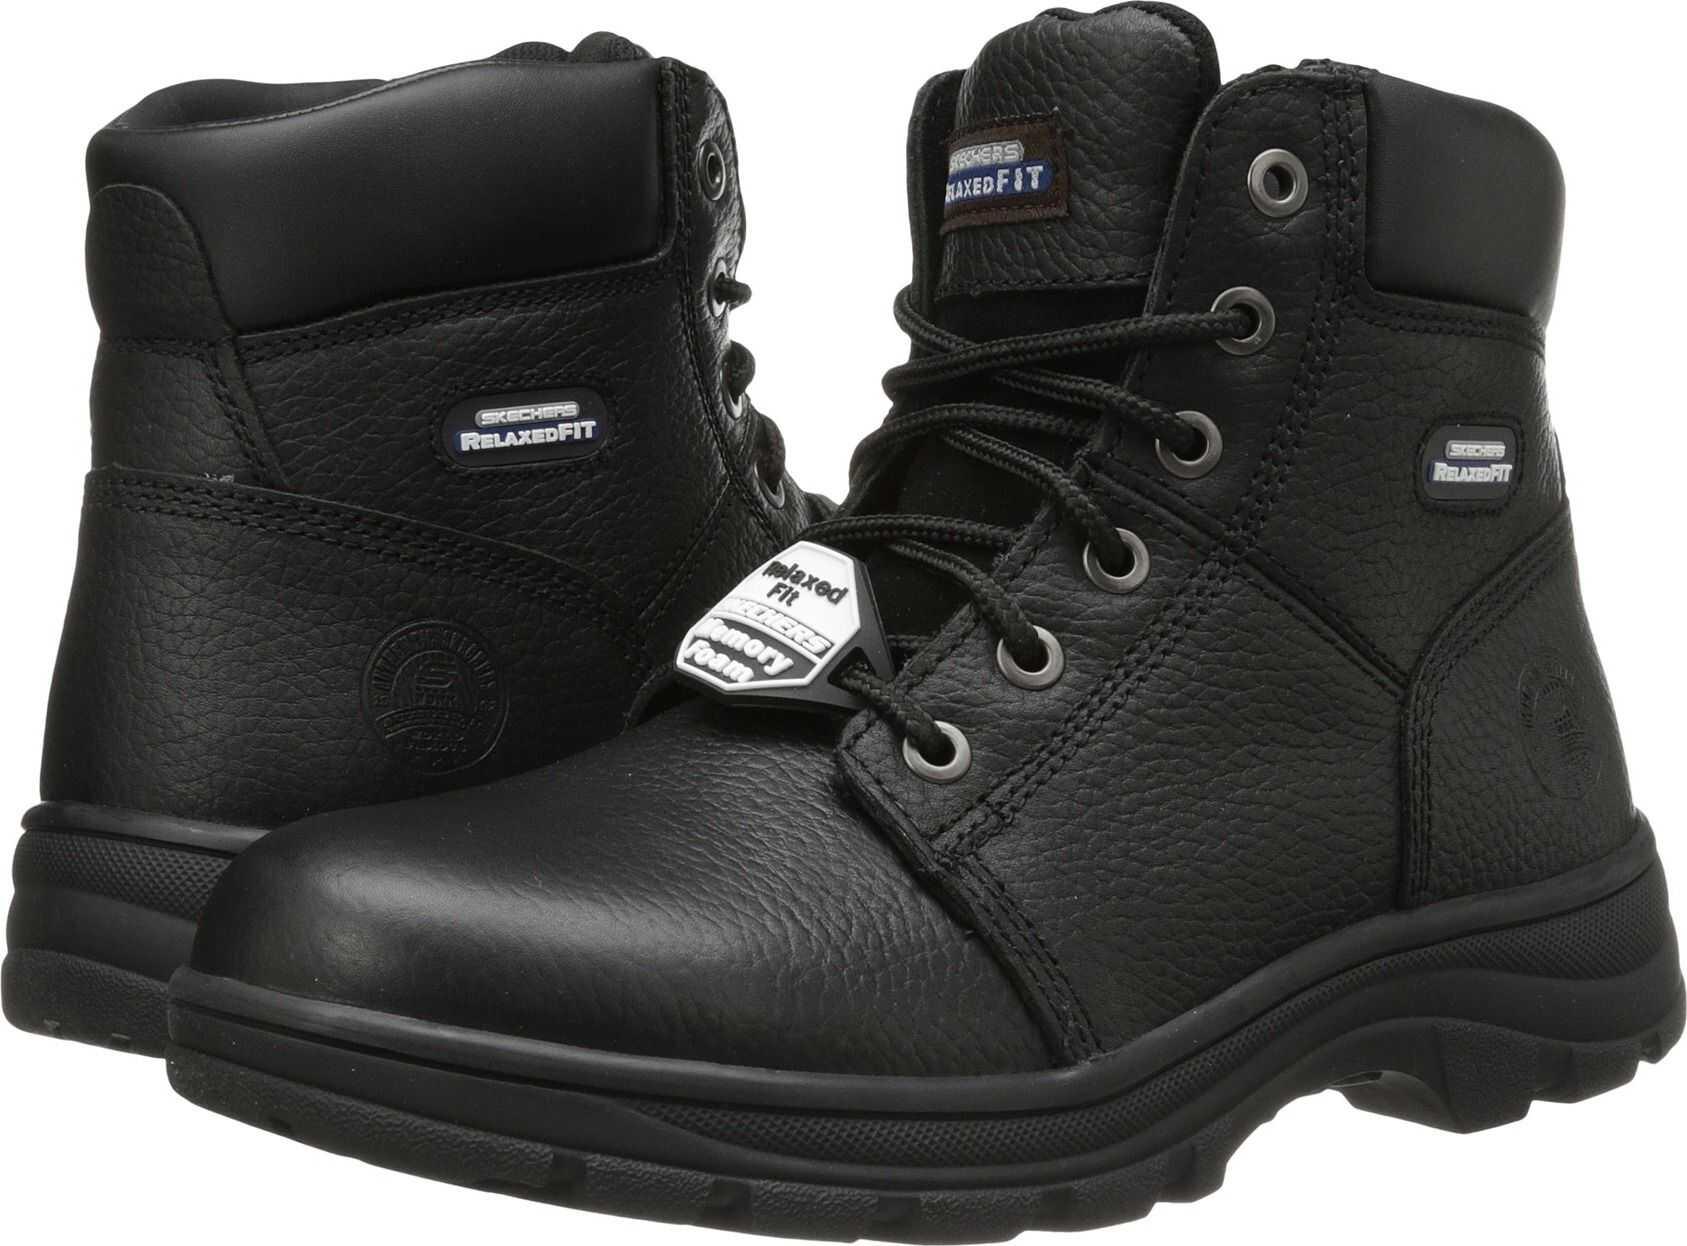 SKECHERS Work Workshire - Condor* Black